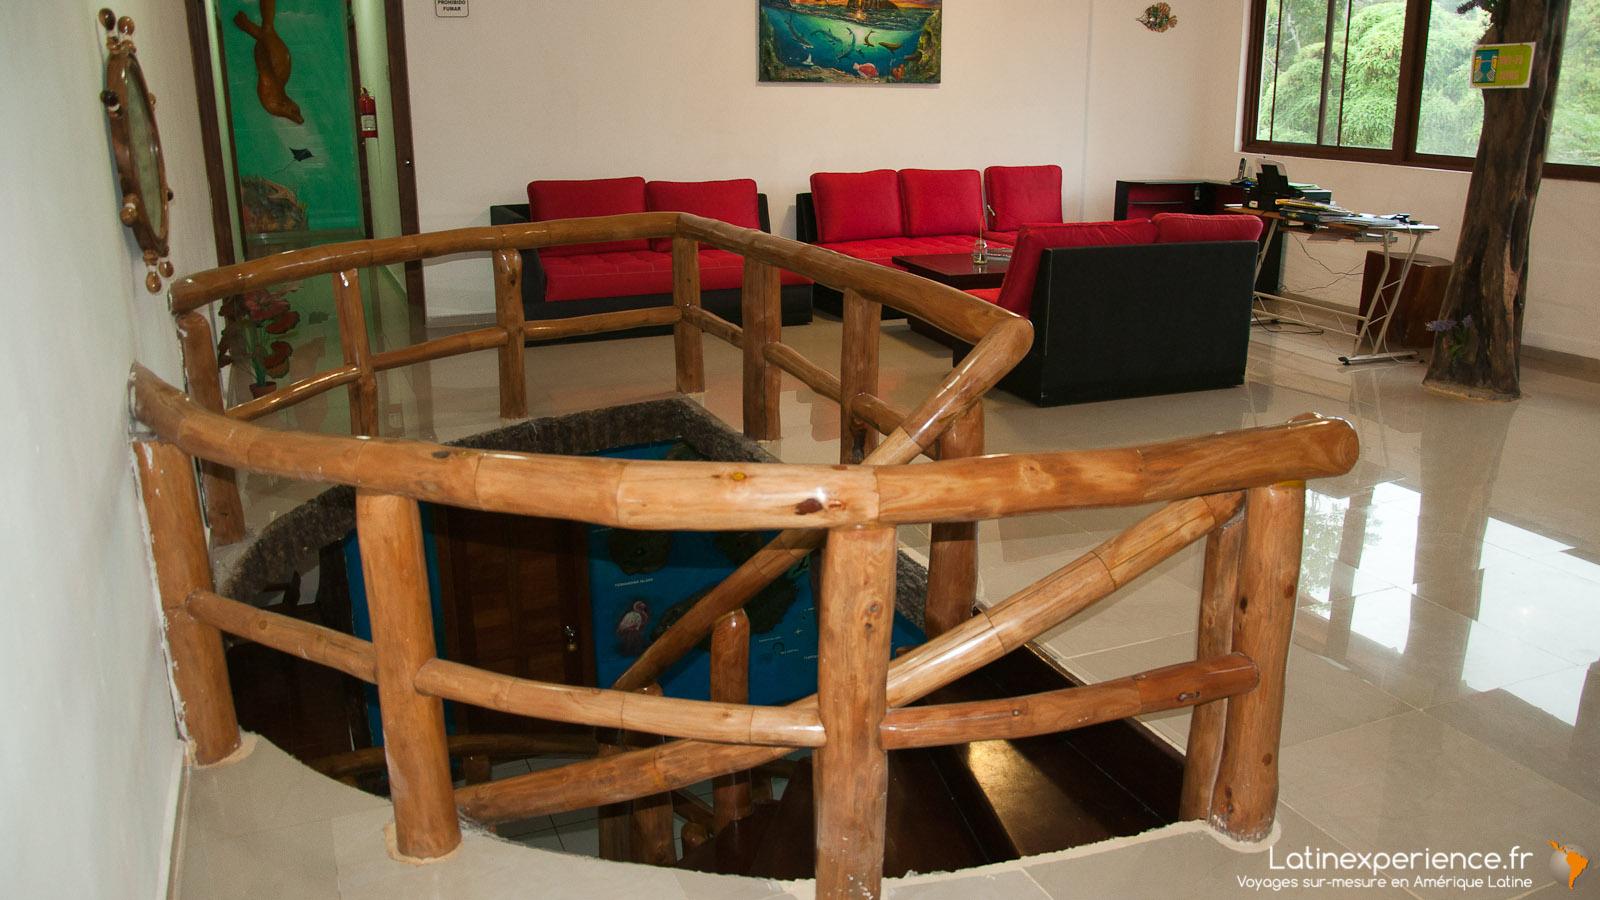 Galapagos - Santa Cruz - Casa Natura Lodge - Latinexperience voyages